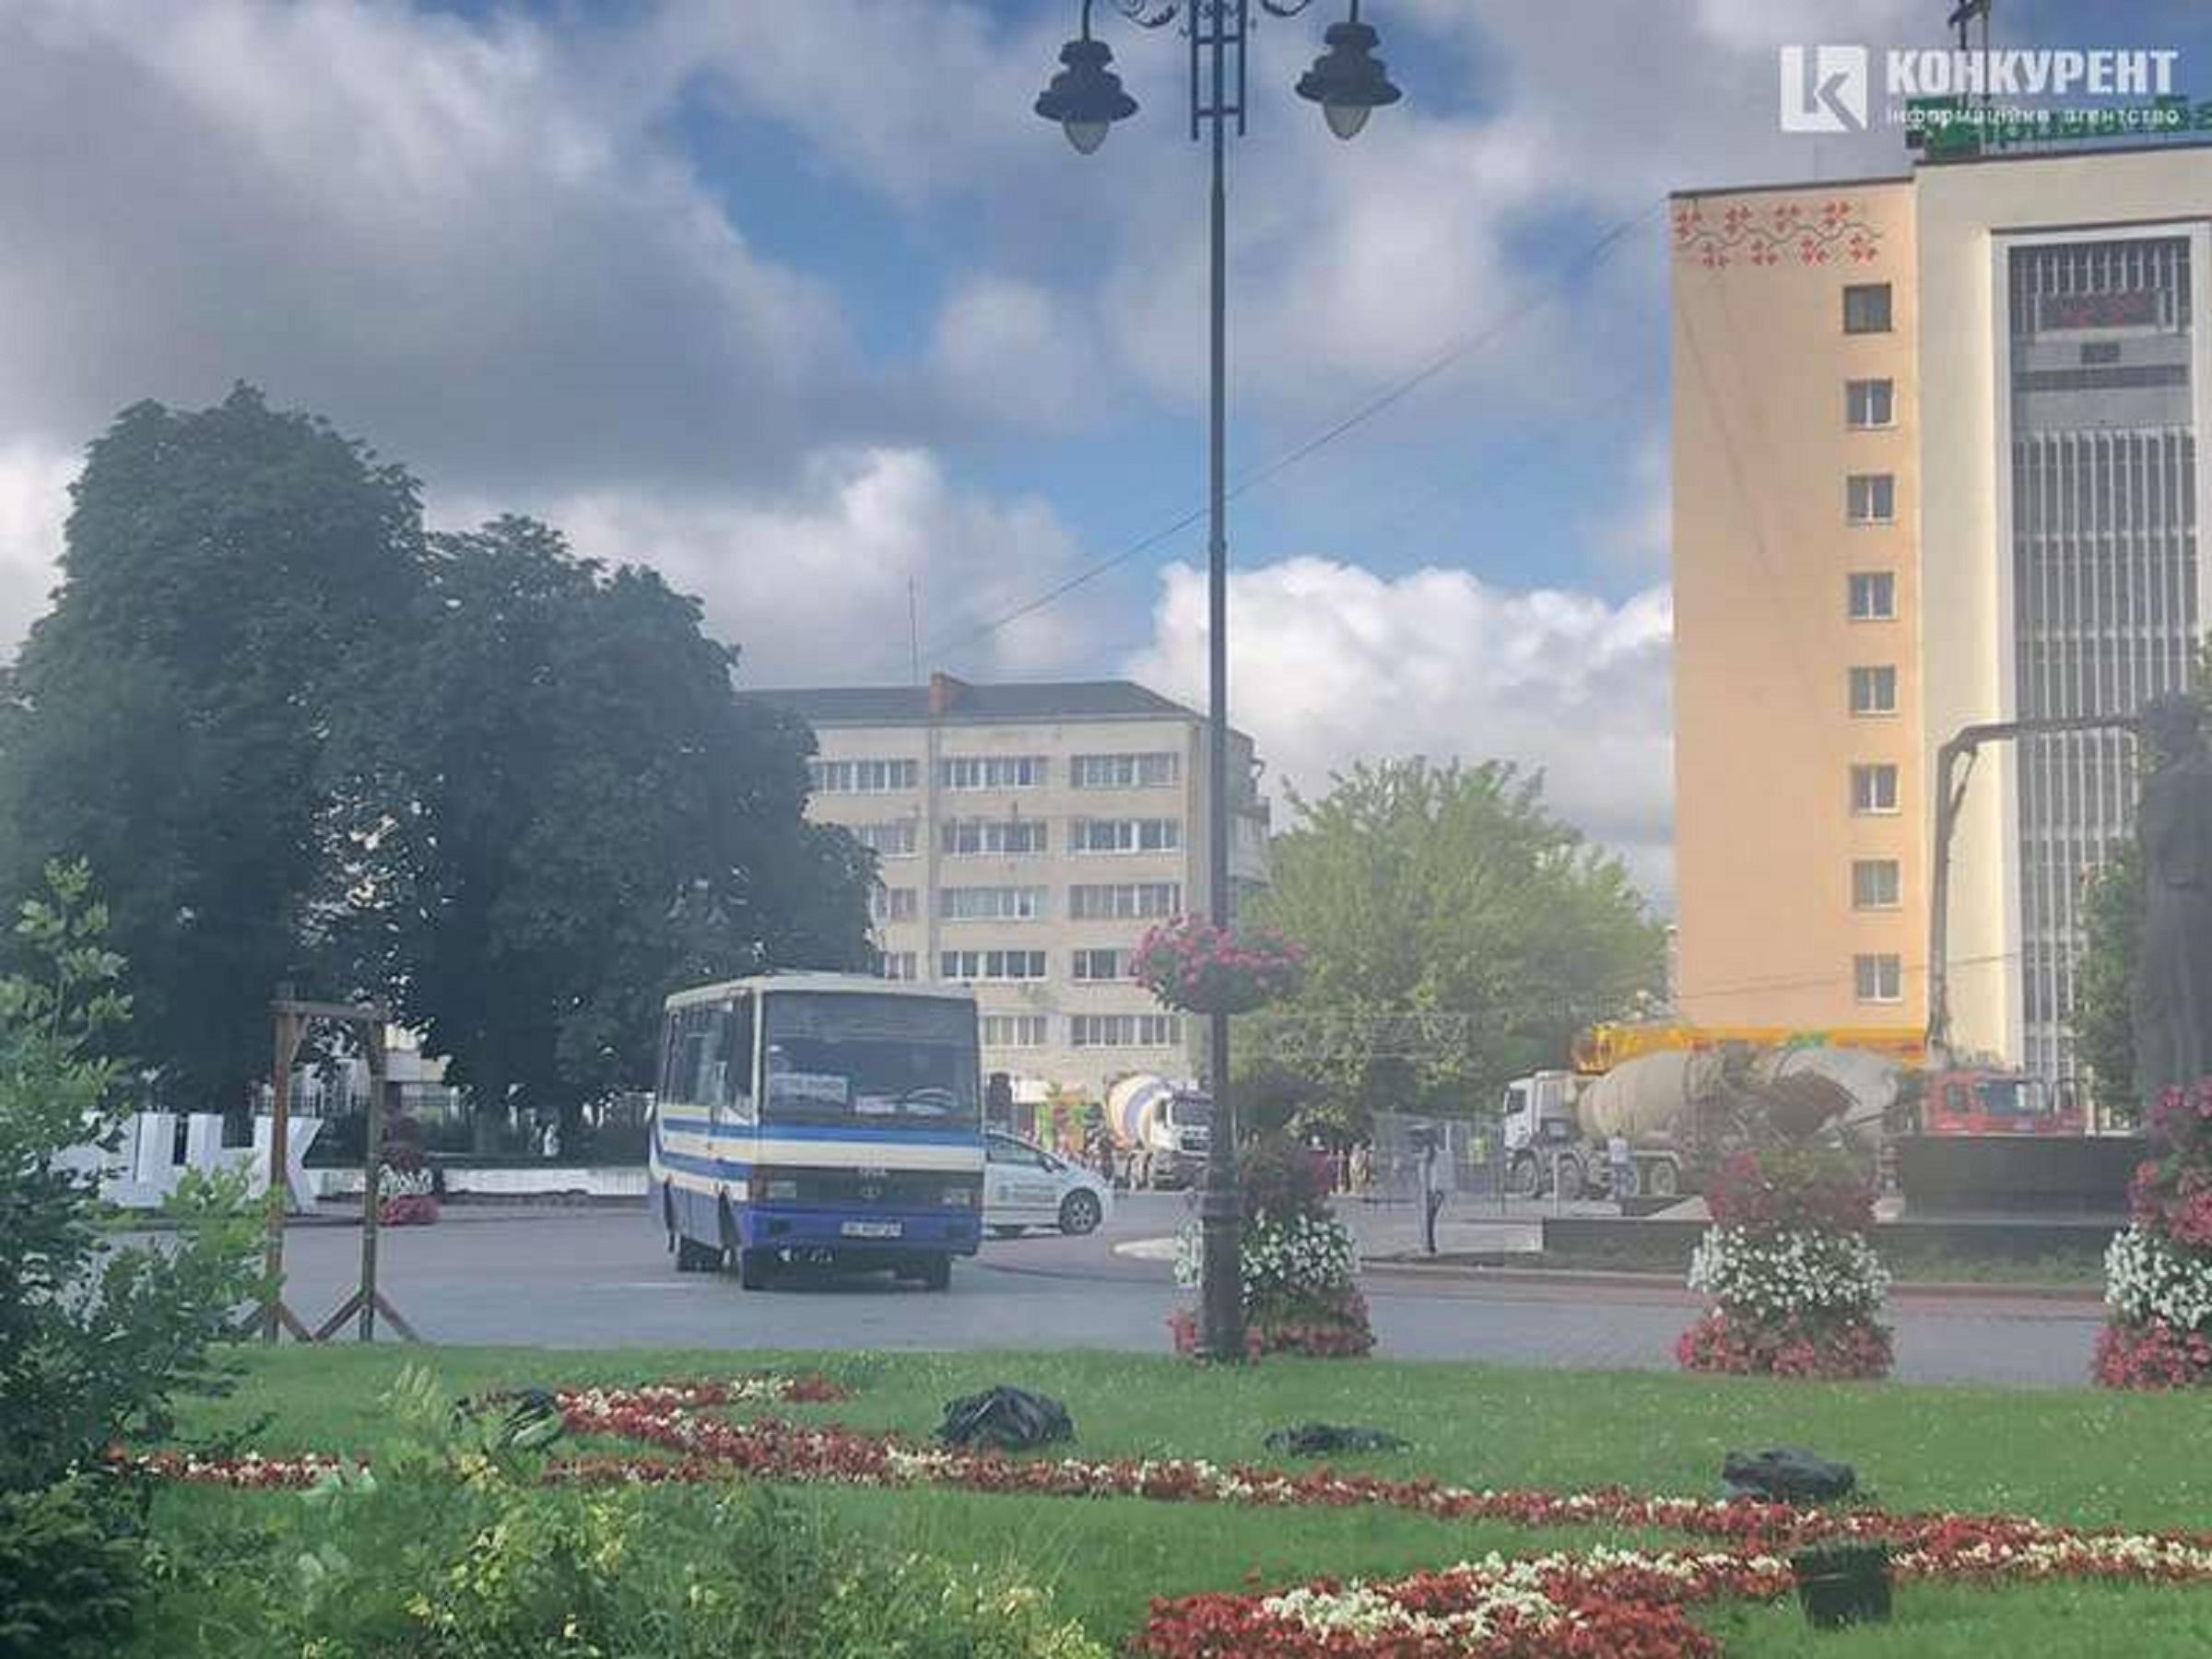 Захват заложников в Луцке: как остановить террориста